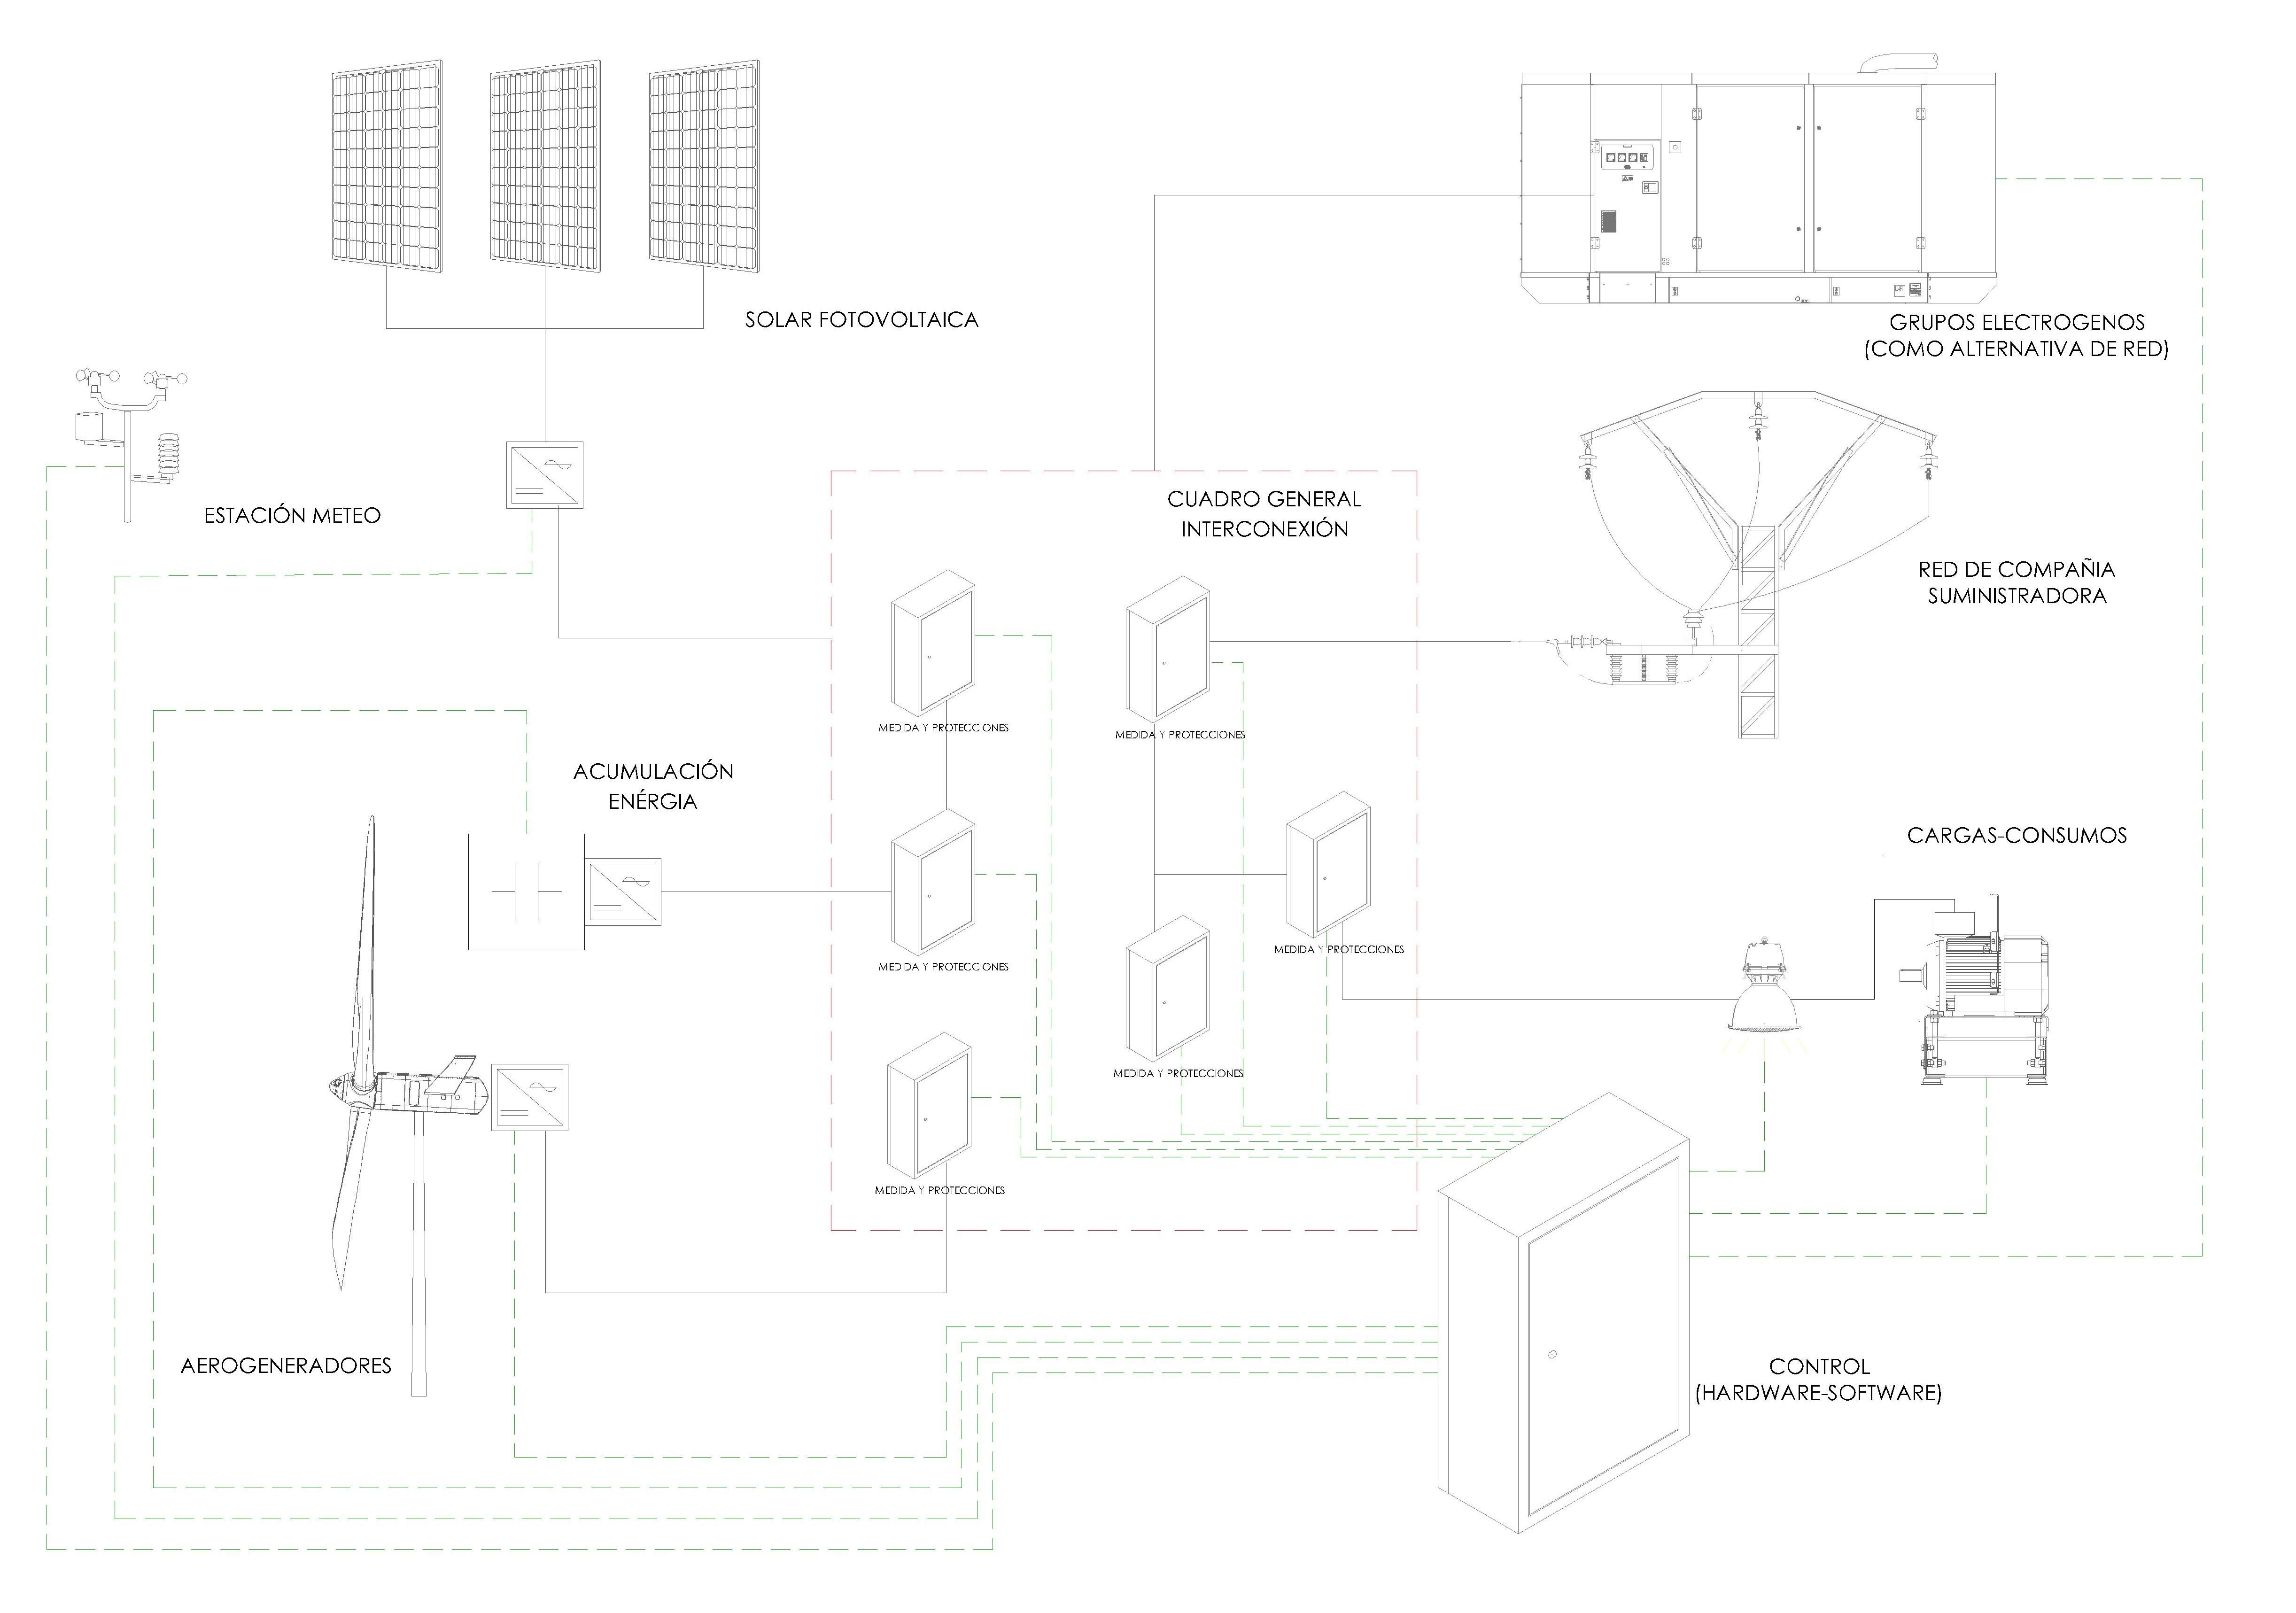 Esquema_instalacion